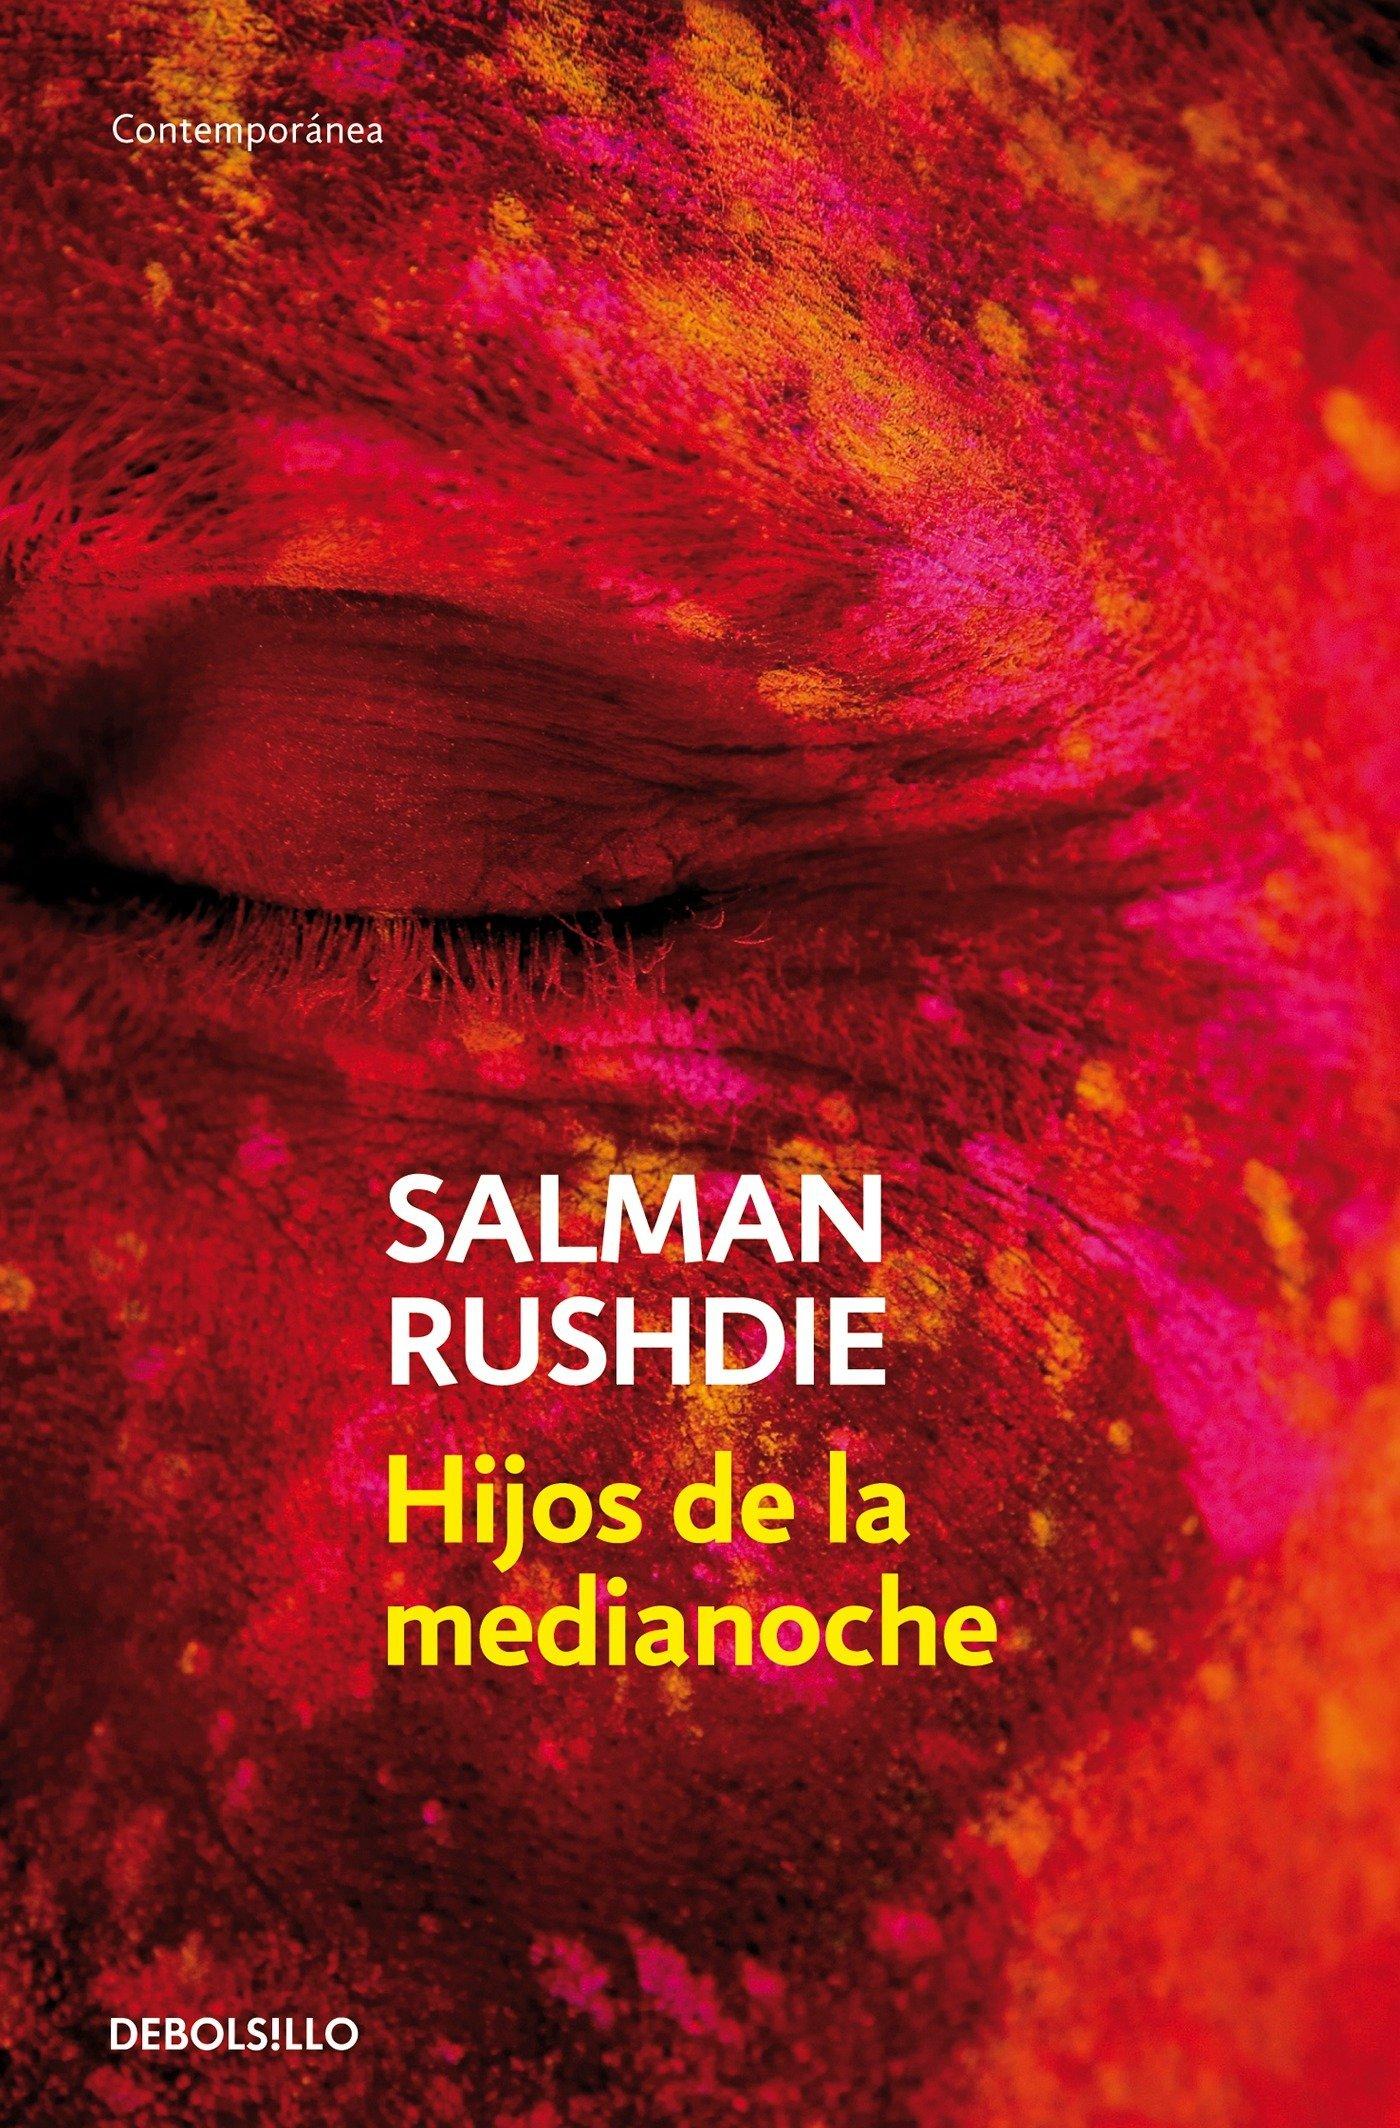 Hijos de la medianoche (Contemporánea): Amazon.es: RUSHDIE,SALMAN, Saenz, Miguel: Libros